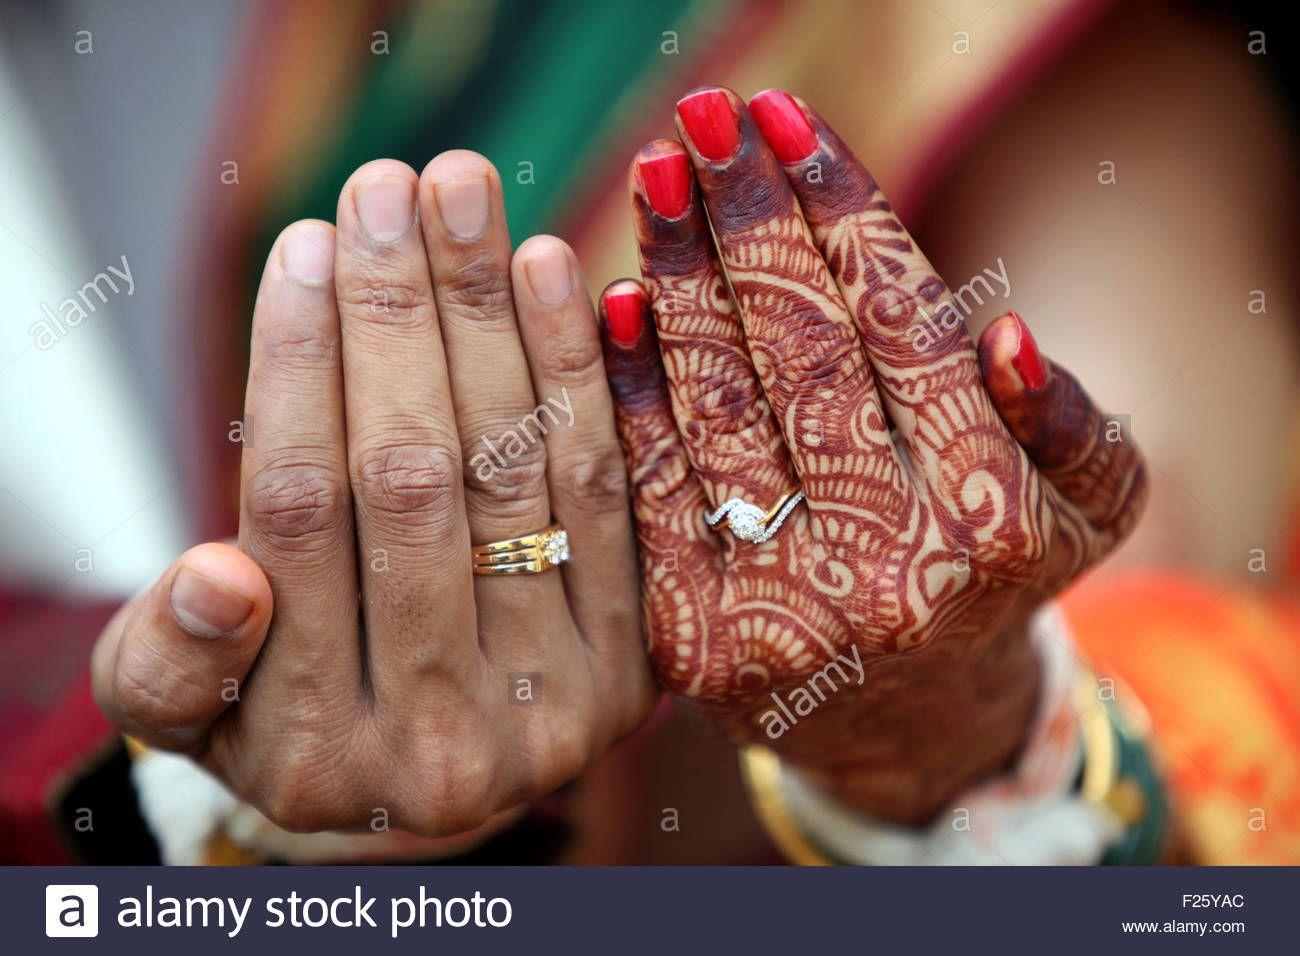 Bride Wedding Ring Finger In 2020 Wedding Ring Finger Wedding Ring Sets Vintage Affordable Wedding Ring Set